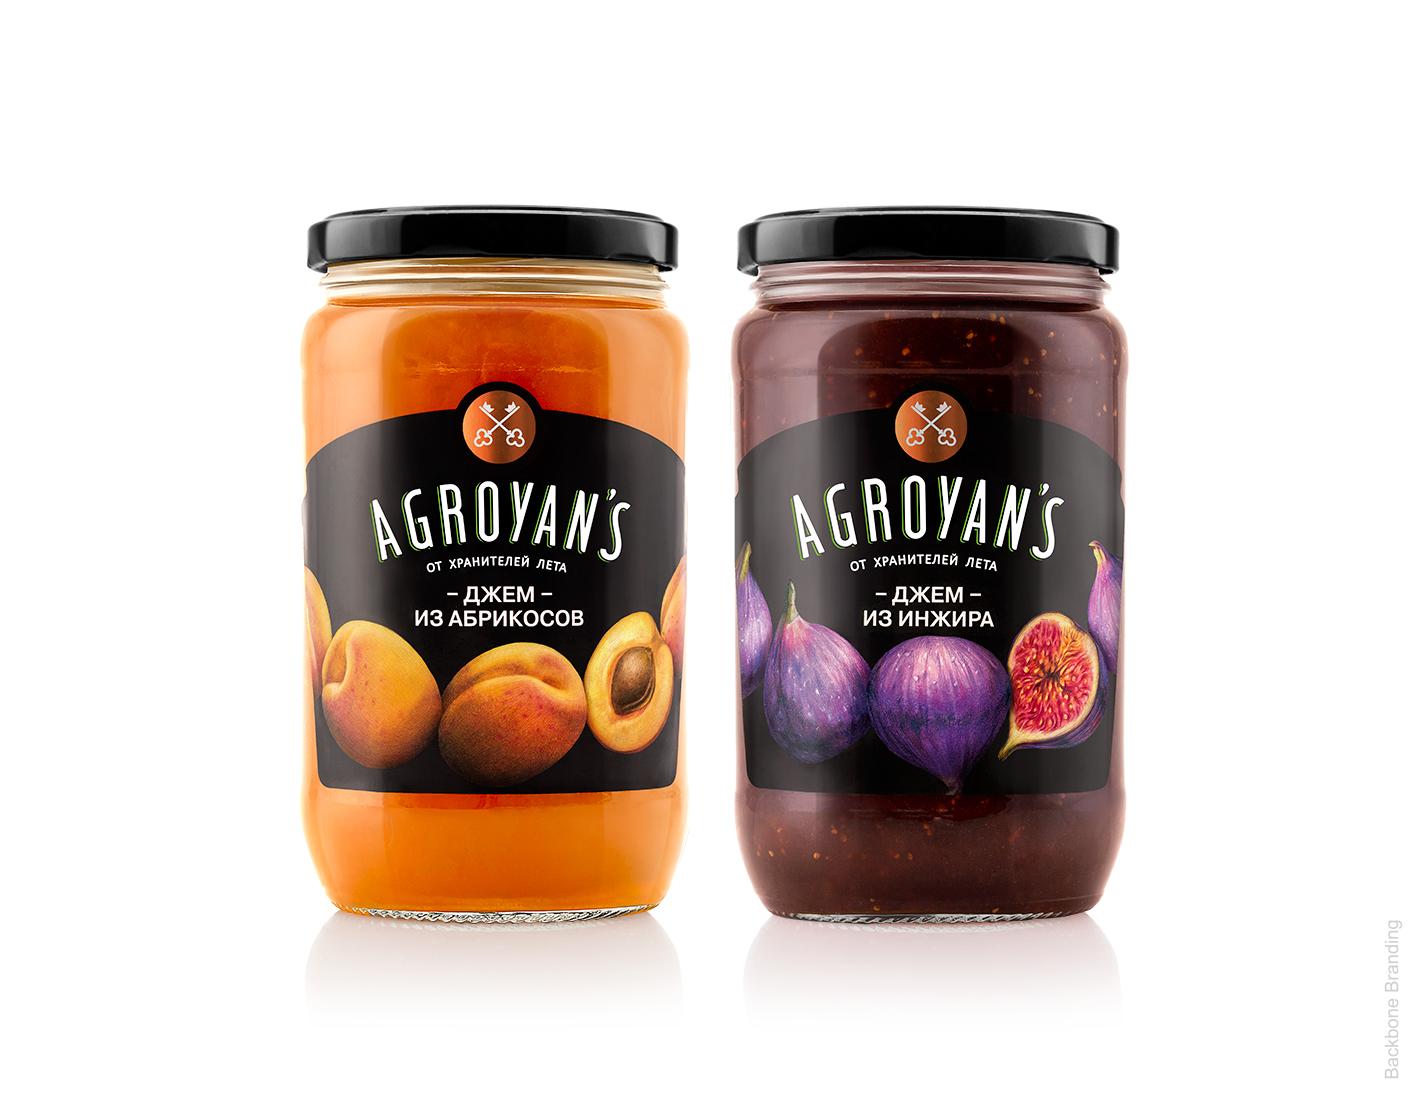 Backbone Branding - Agroyan's1.jpg